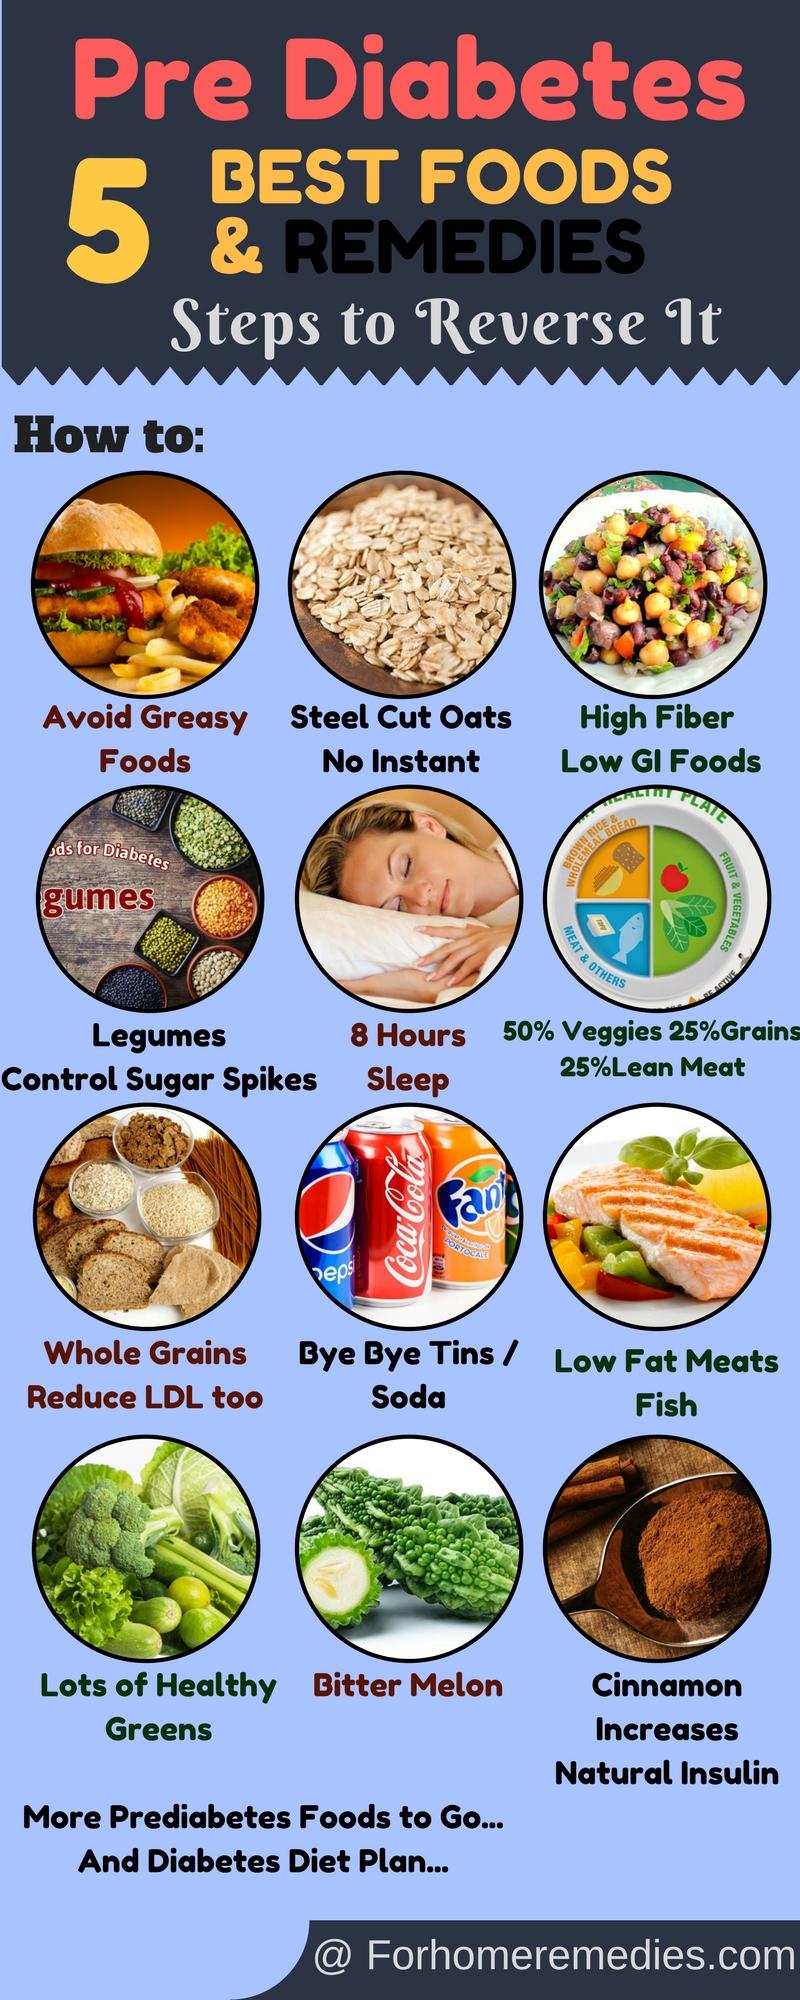 Best foods for prediabetes diet plan foods to avoid and diabetes diet plan